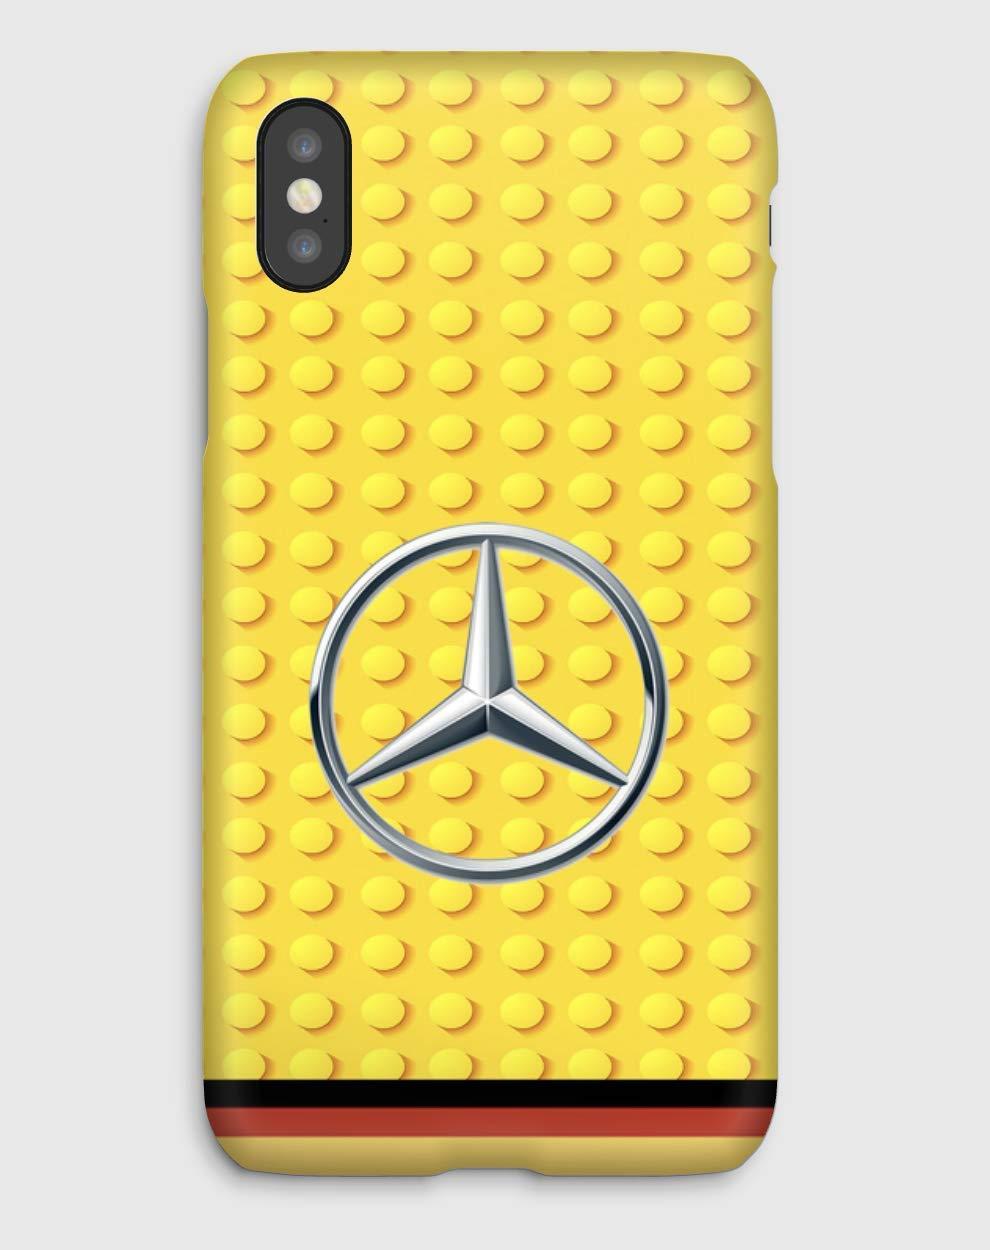 Lego Mercedes Funda para el iPhone XS, XS Max, XR, X, 8, 8+, 7, 7+, 6S, 6, 6S+, 6+, 5C, 5, 5S, 5SE, 4S, 4,